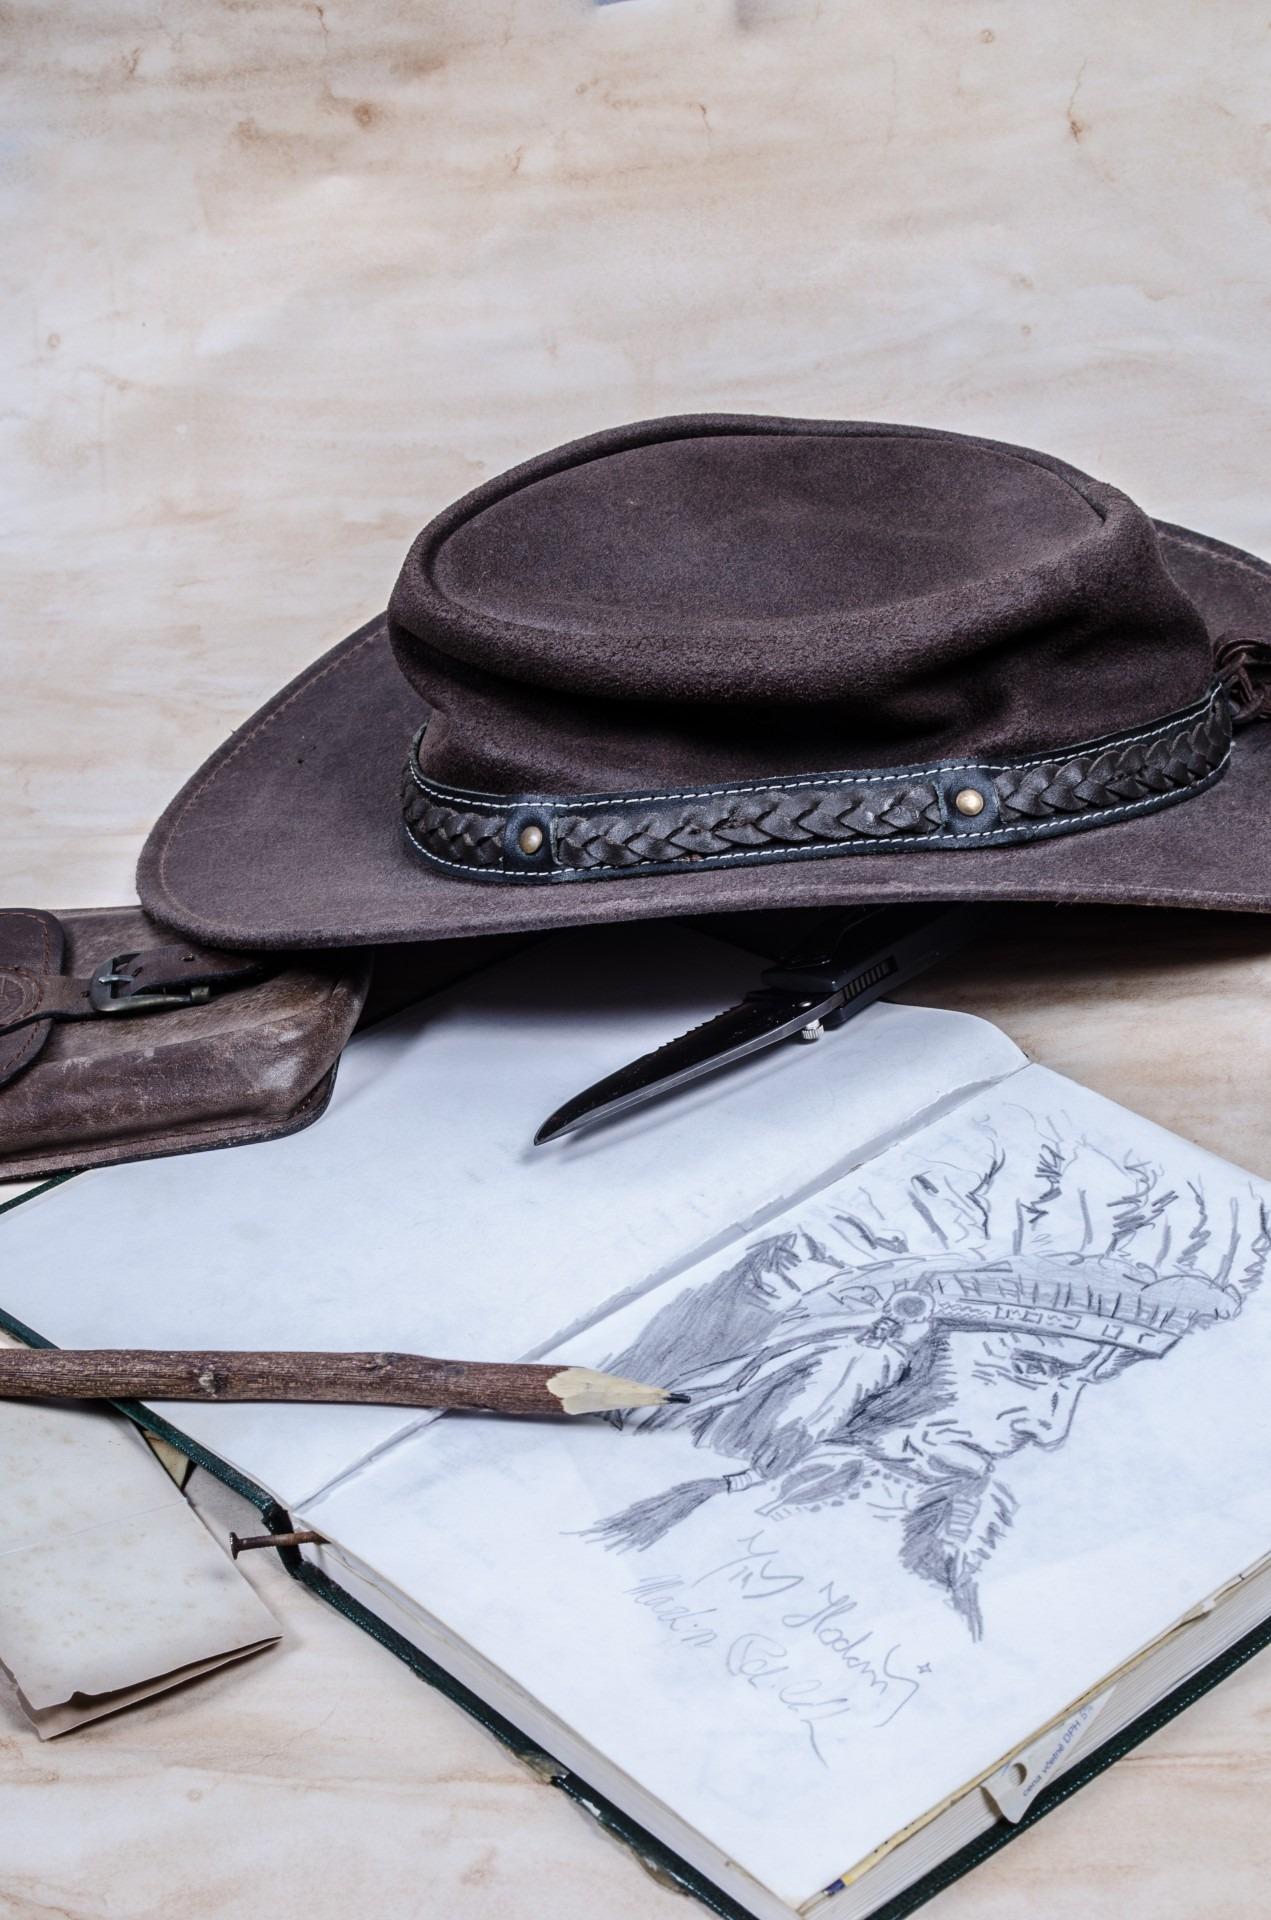 [Siap Cetak] Sketsa Gambar Topi